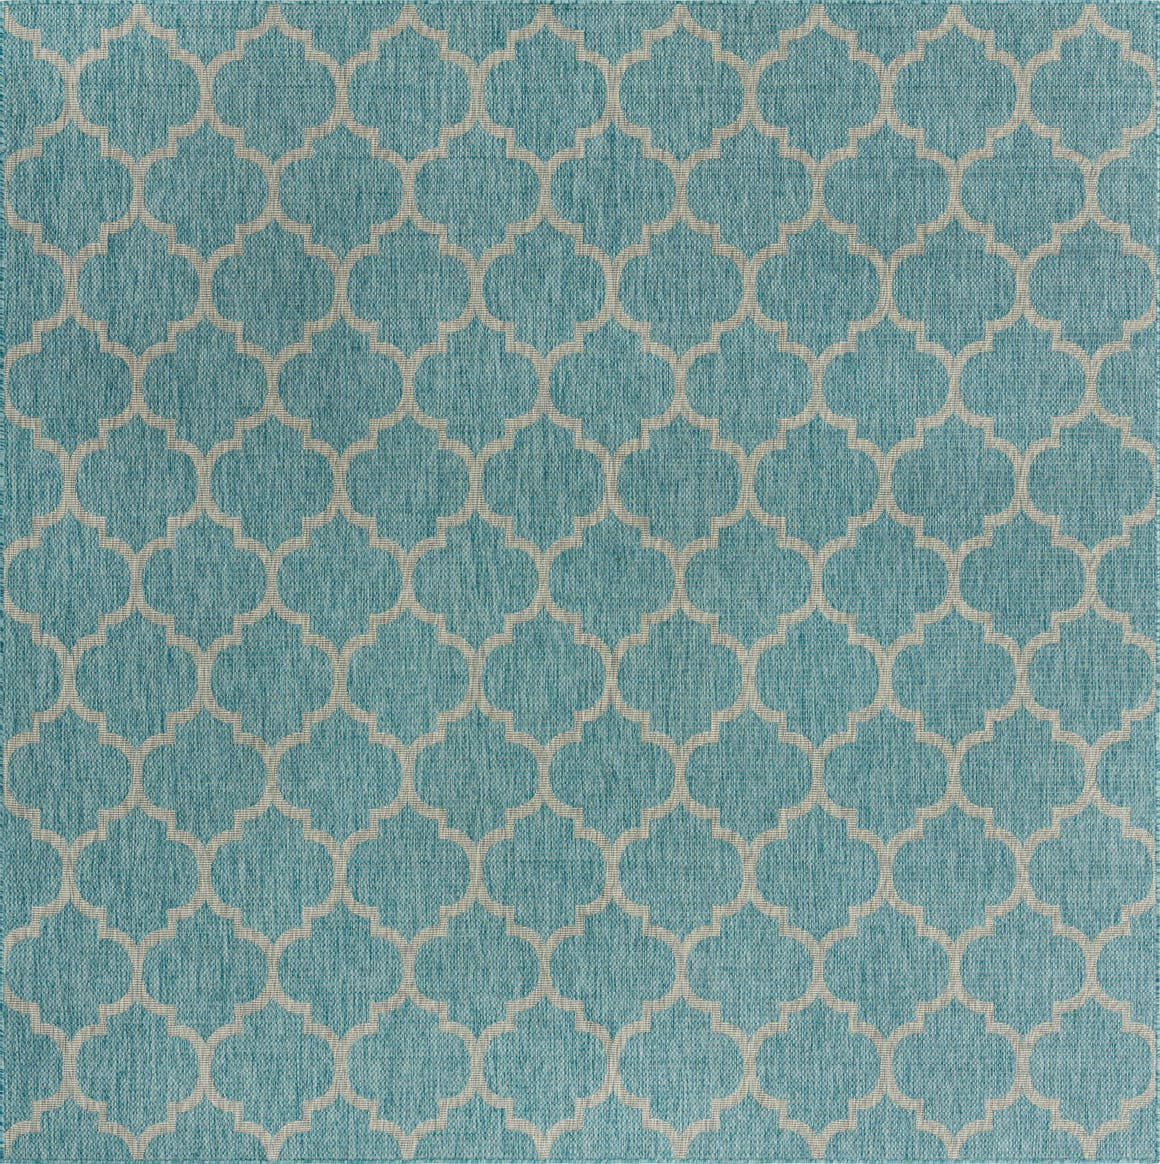 10' 8 x 10' 8 Outdoor Trellis Square Rug main image